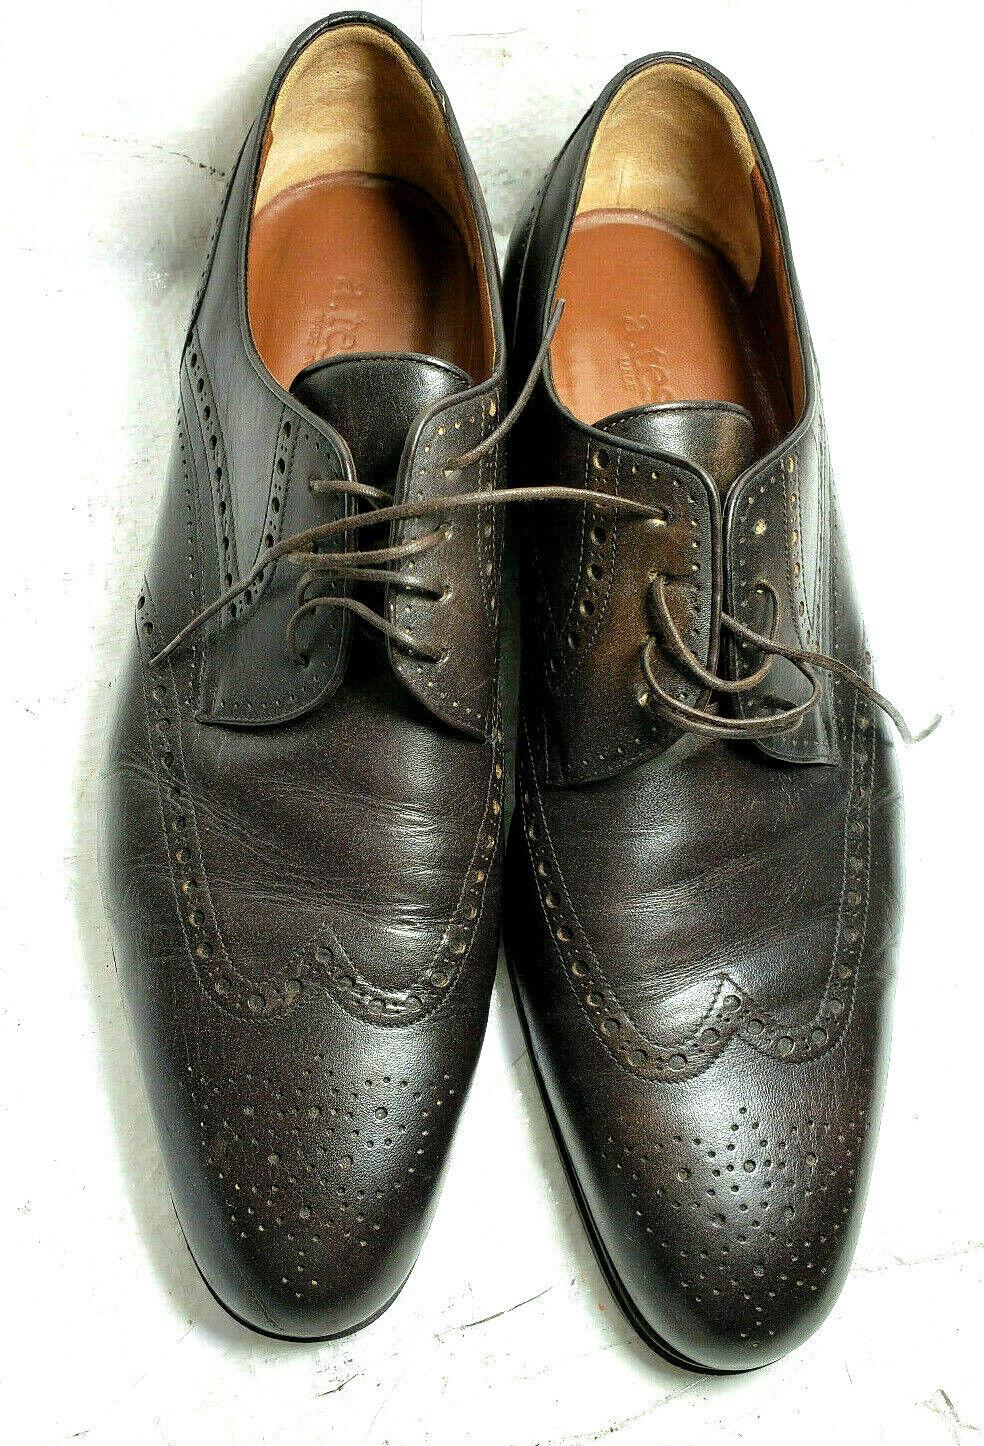 A. Testoni Zapatos Para Hombres Oxford 10 M De Cuero Marrón Encaje-Ups Sólido Hecho en Italia